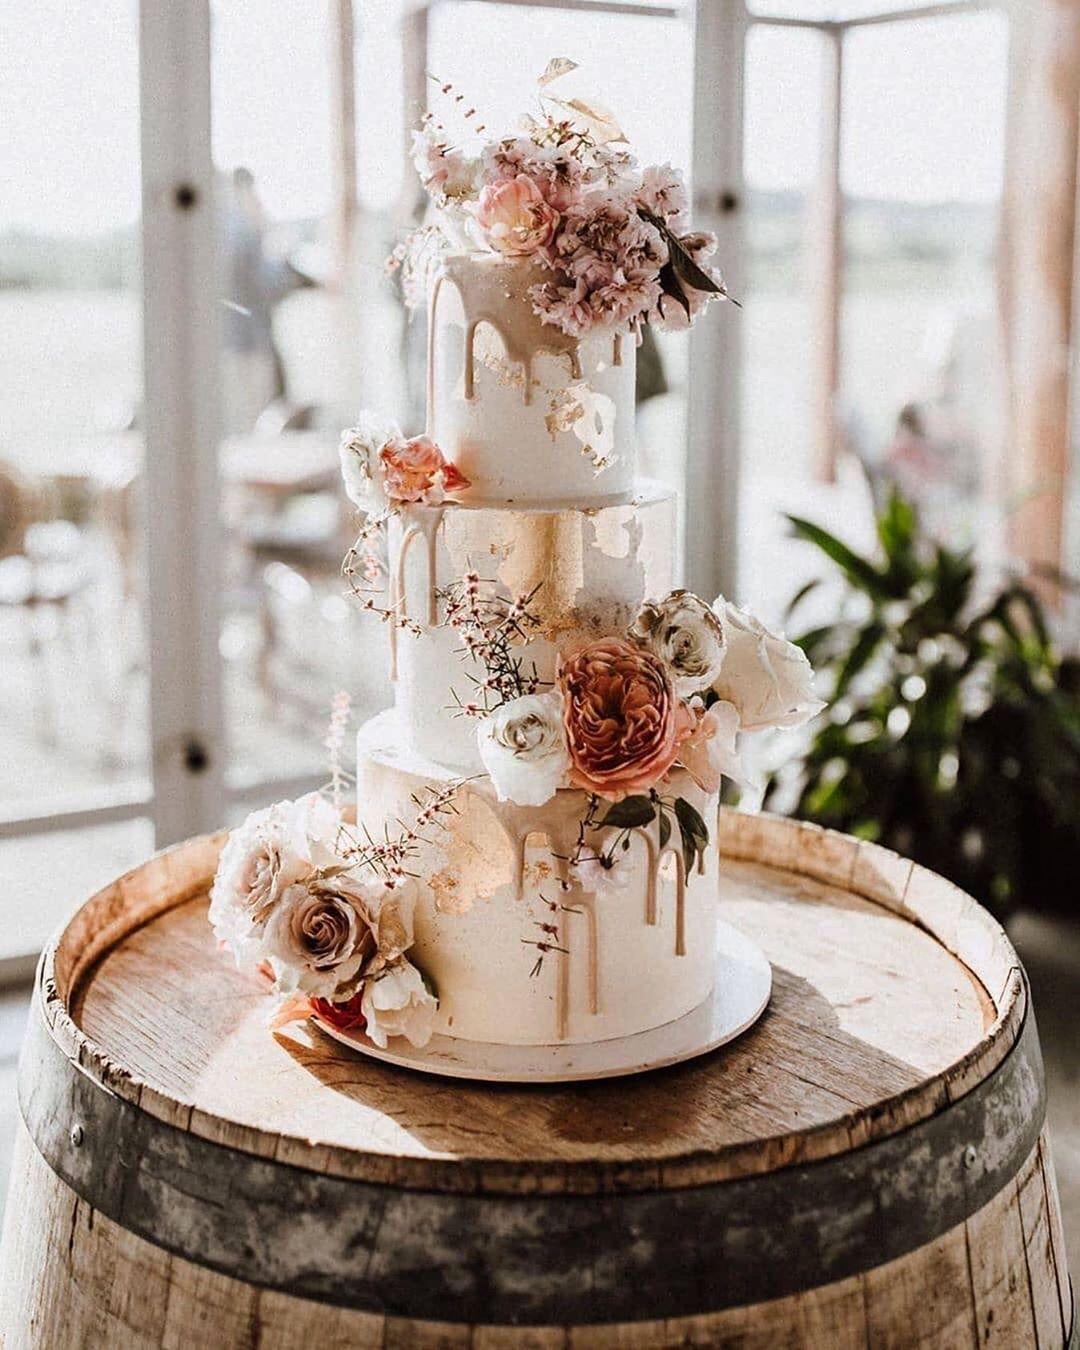 Delikatne Dekoracje Tortu I Robiace Wrazenie Zywe Kwiaty To Nasze Ulubione Polaczenie Wedding Cake Centerpieces Wedding Cake Options Gorgeous Wedding Cake